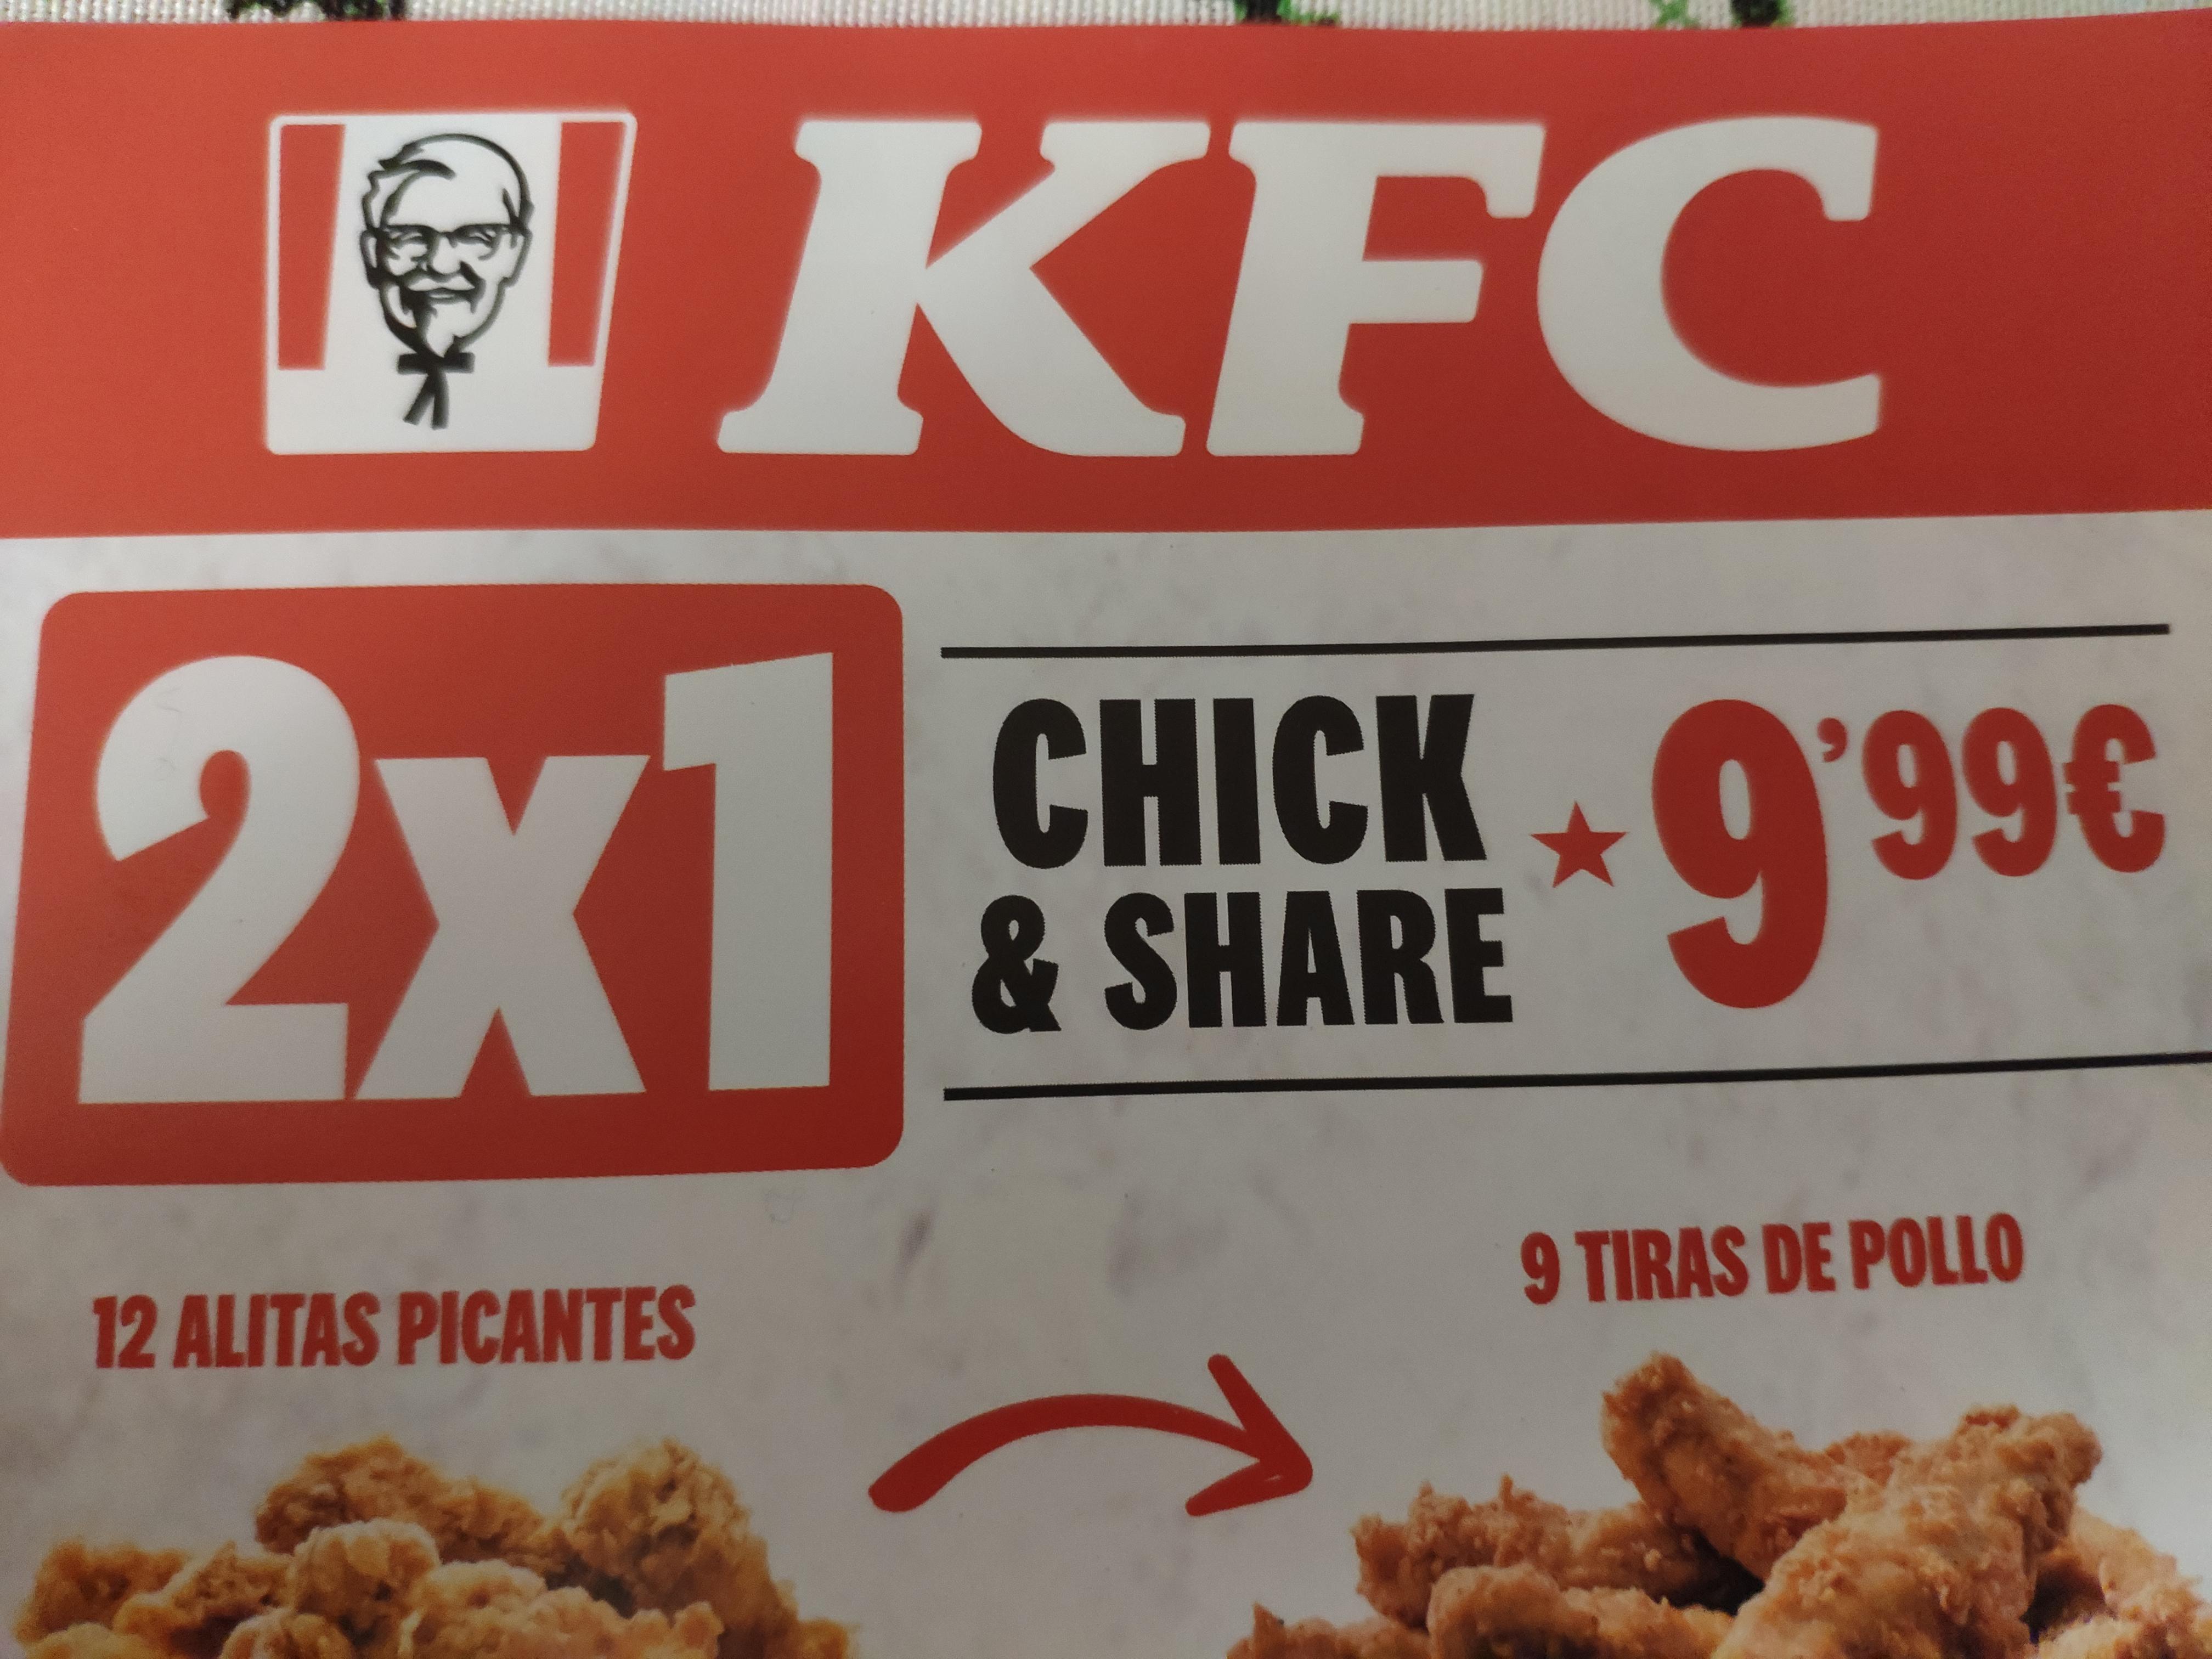 KFC 2x1 en Chick & Share 9,99€ (Sevilla)